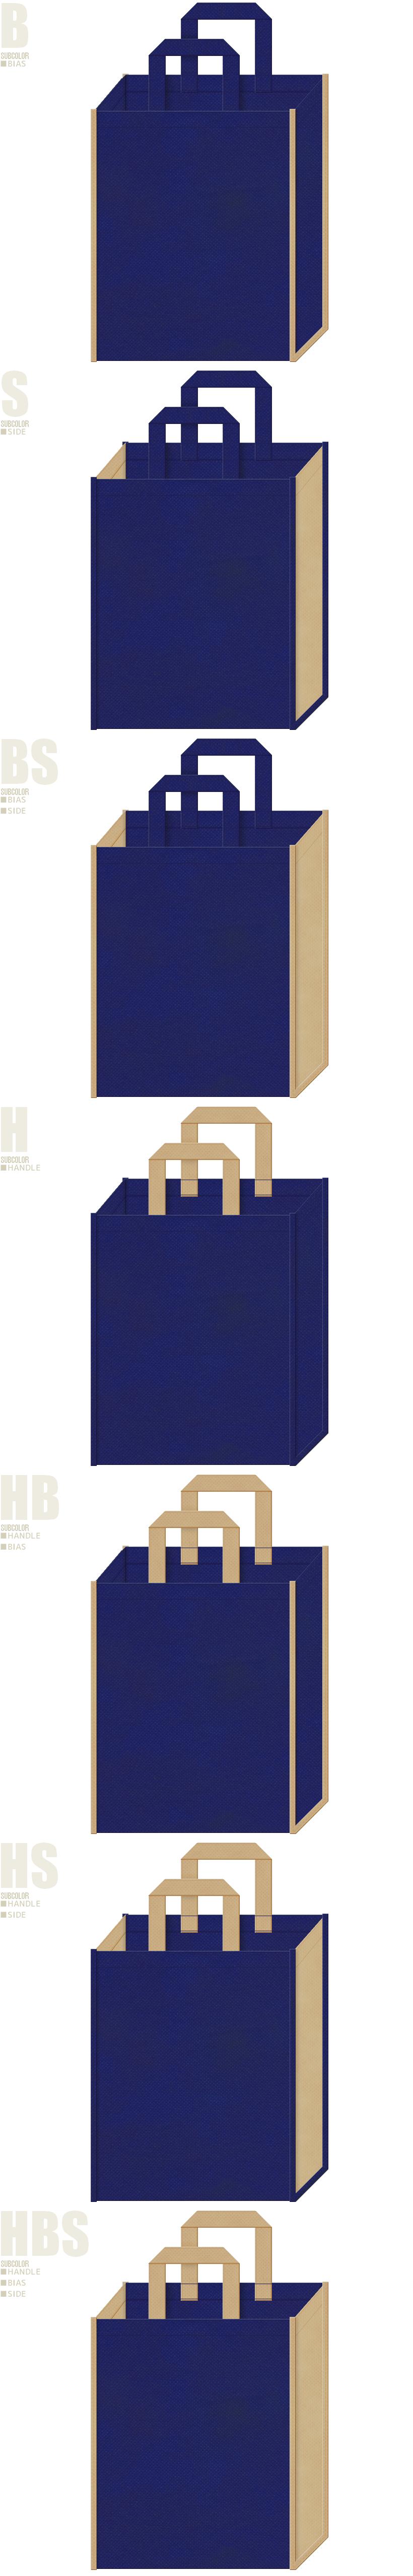 紺紫色とカーキ色-7パターンの不織布トートバッグ配色デザイン例